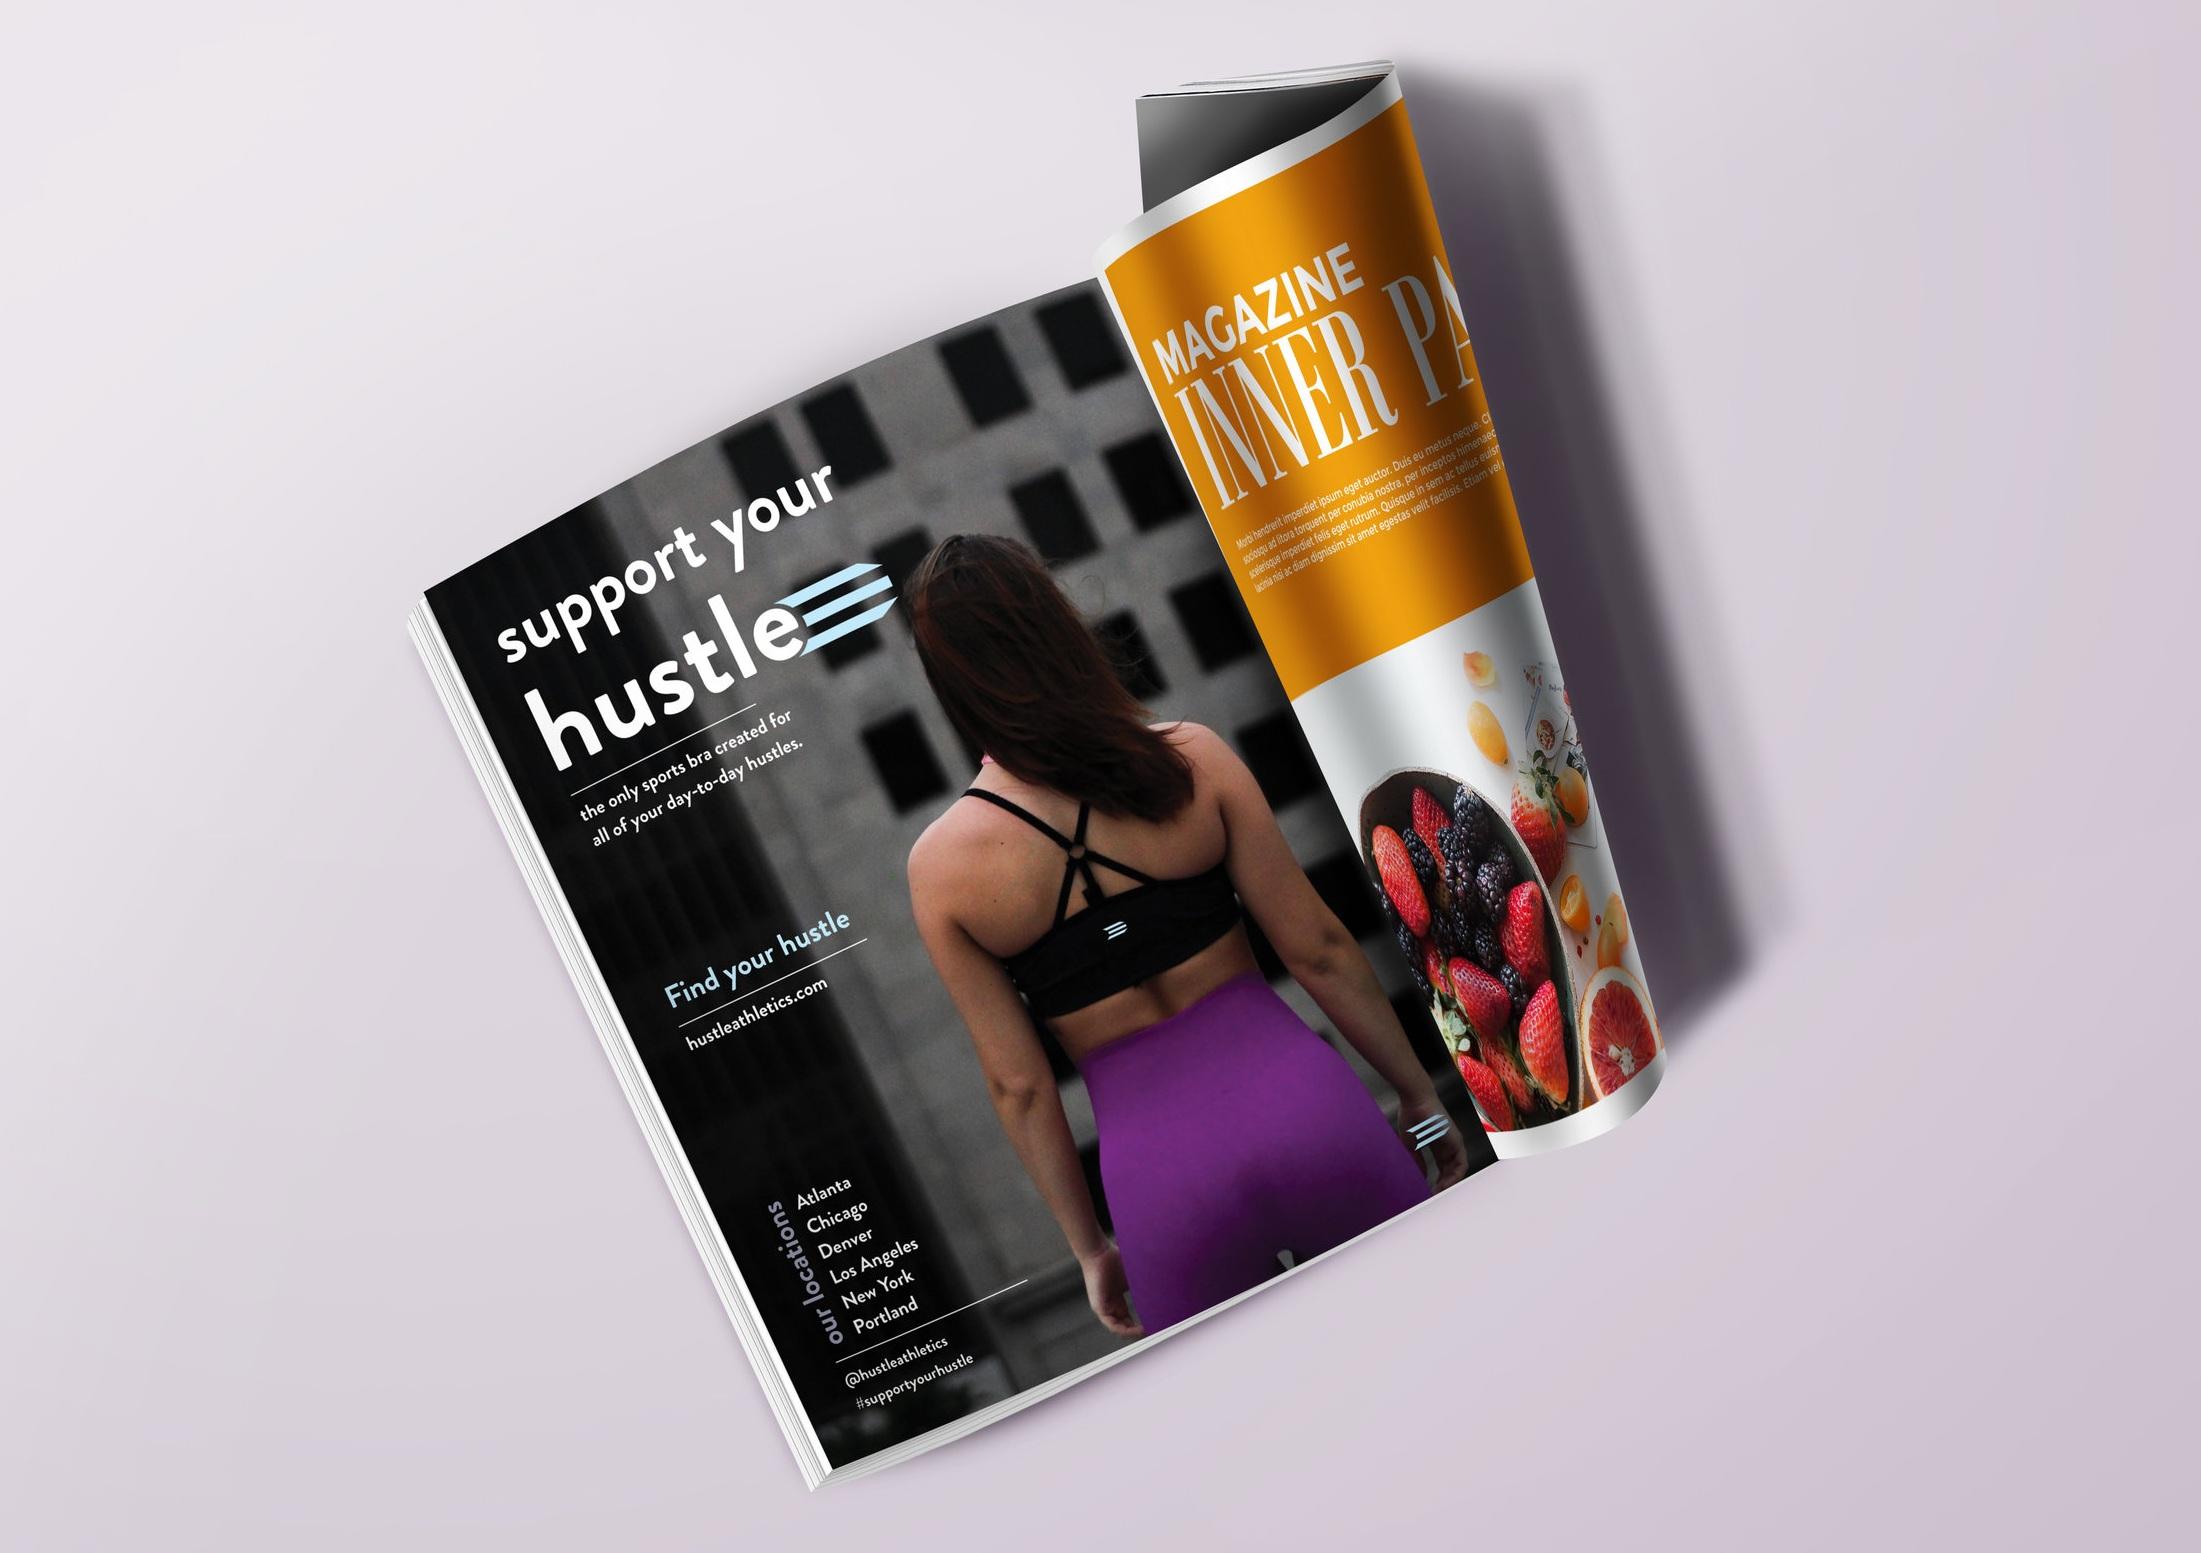 Magazine ad for  Hustle sports bra concept